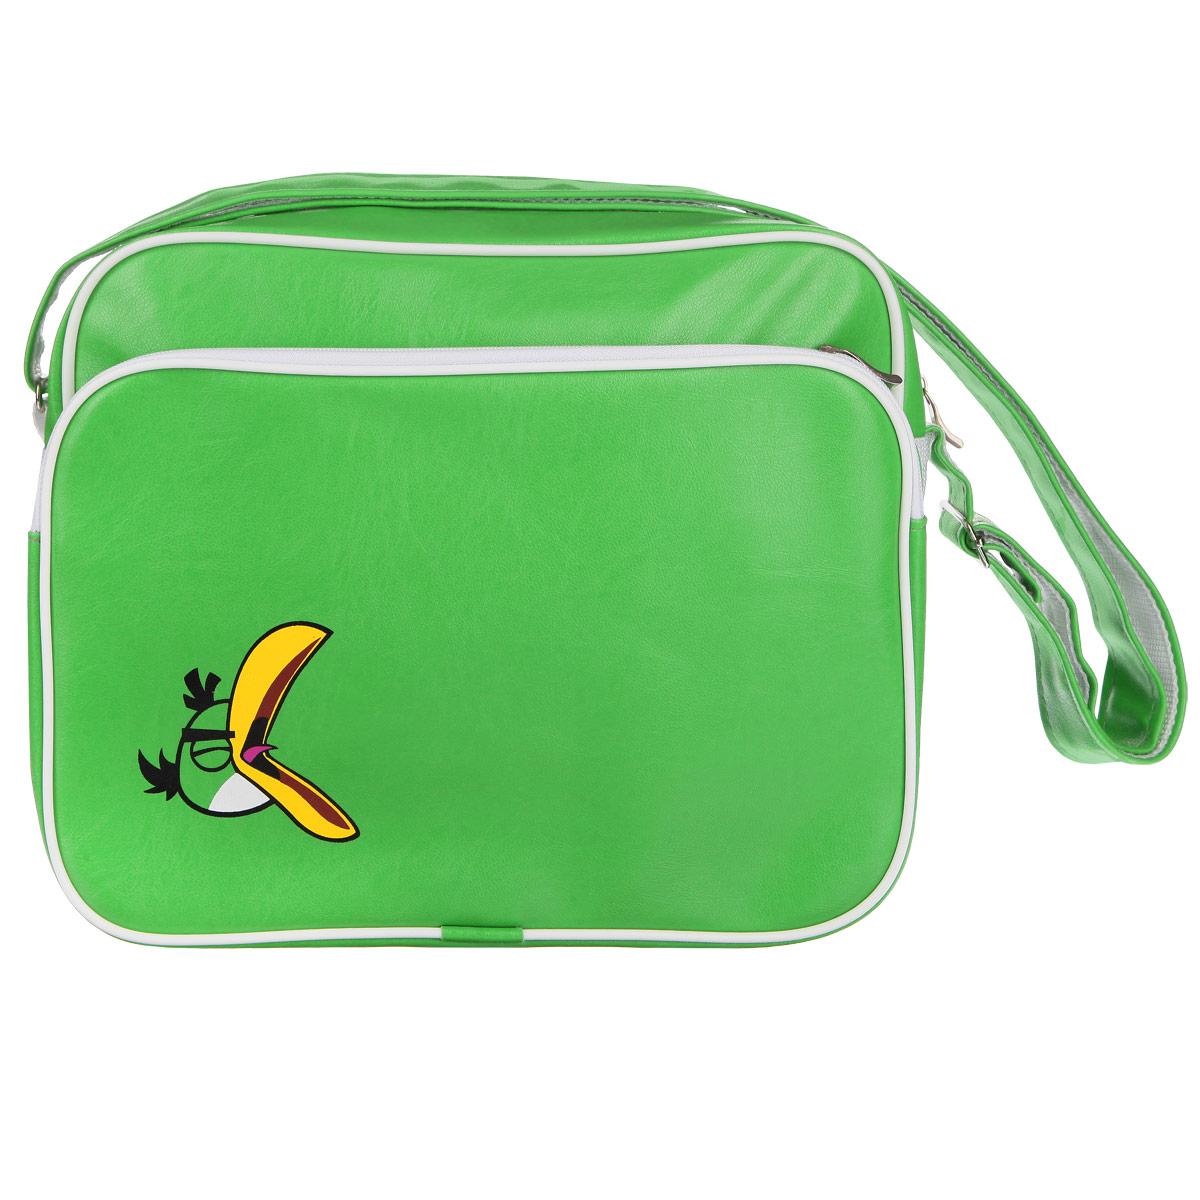 Молодежная сумка Angry Birds Зеленая птица сочетает в себе современный дизайн, функциональность и долговечность.Она выполнена из искусственной кожи и оформлена изображением одного из героев знаменитой игры Angry Birds - зеленой птицы.Сумка имеет одно вместительное отделение, разделенное пополам карманом-средником на молнии. Закрывается сумка на застежку-молнию. С внешней стороны расположен вместительный накладной карман на молнии, внутри которого - накладной карман и четыре держателя для авторучек.С задней стороны сумки находится вшитый карман на молнии.Сумка оснащена плечевым ремнем регулируемой длины, максимальная длина - 128 см, минимальная - 48 см. С внешней стороны ремень изготовлен из искусственной кожи, с внутренней - из плотного полиэстера.